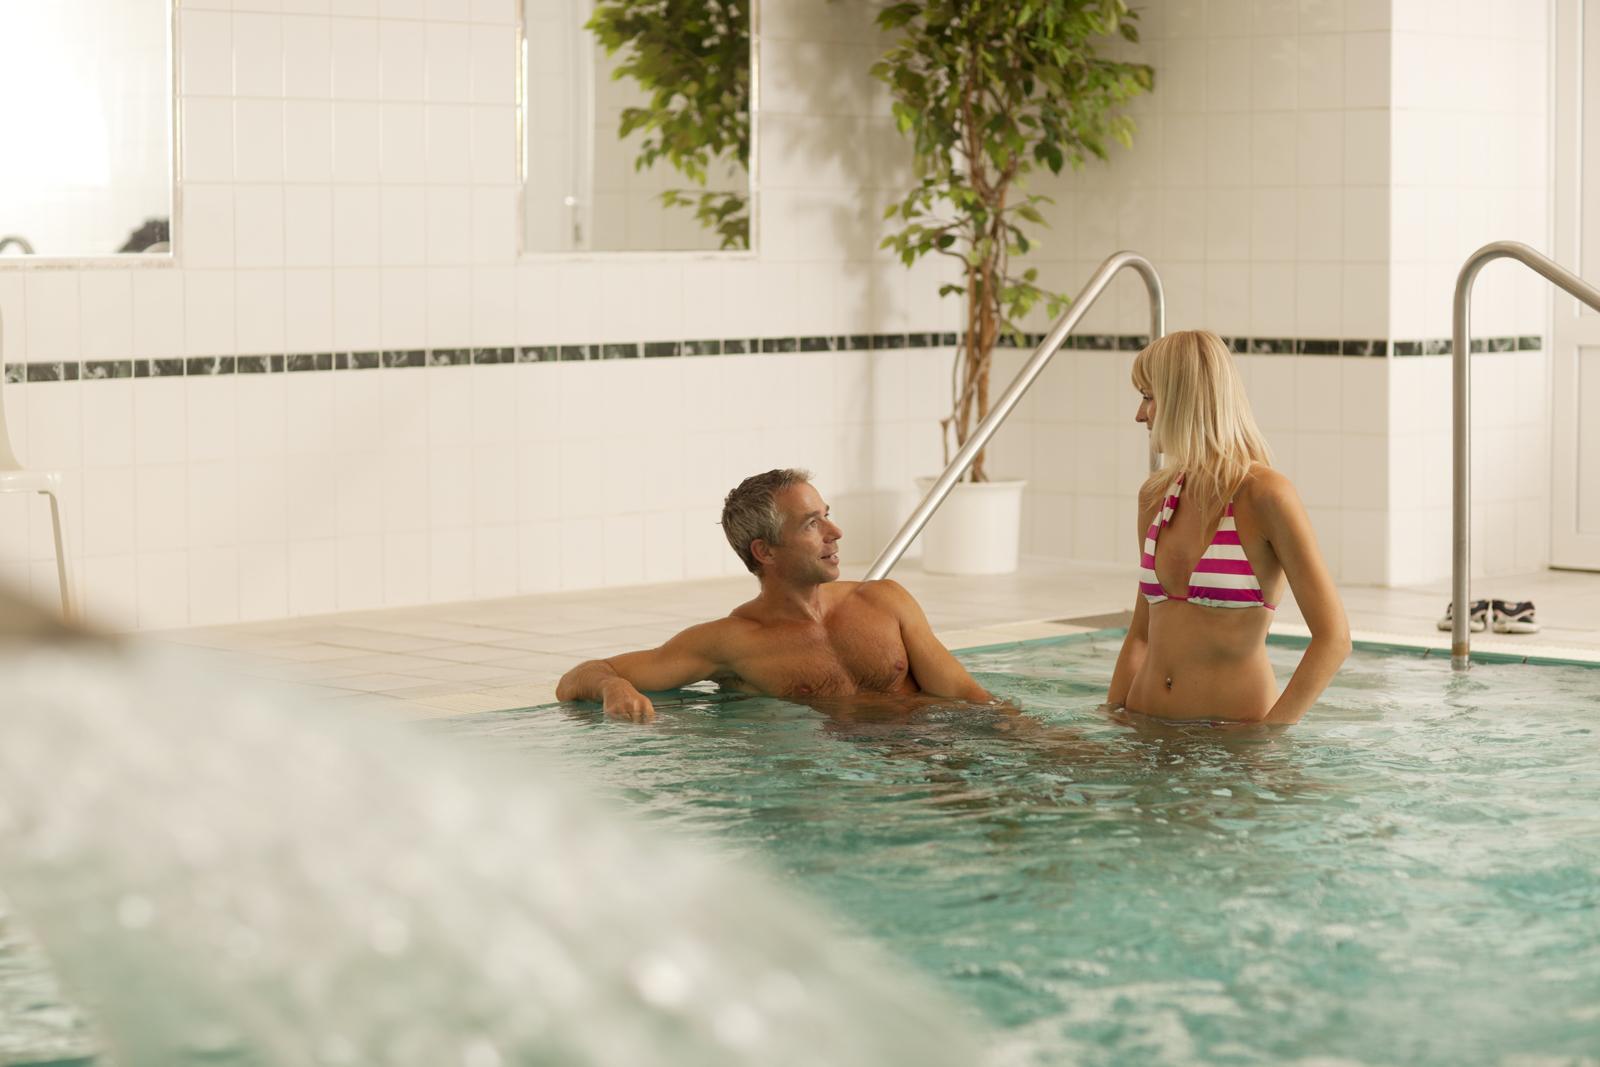 Našim hotelovým hostům nabízíme 10% slevu na veškeré lázeňské procedury. Foto Gourmet Hotel Villa Patriot